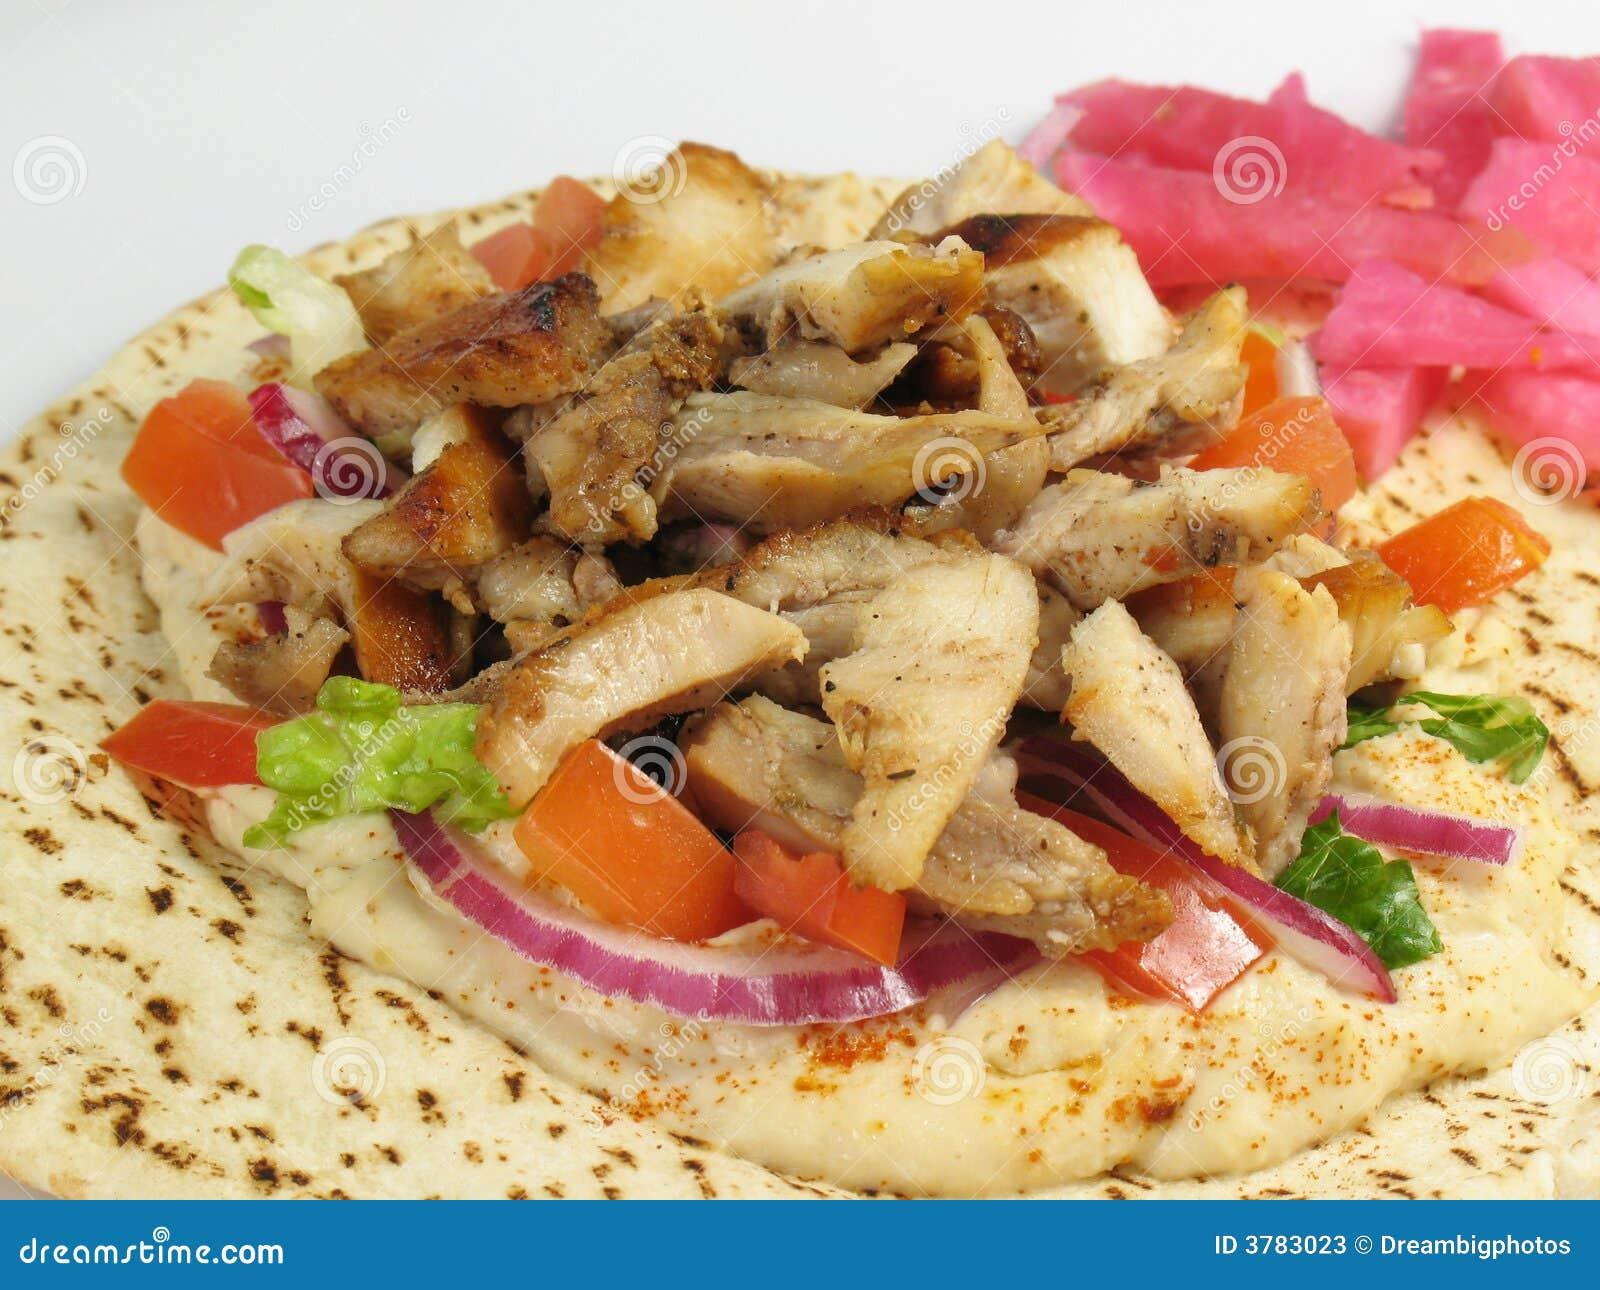 Chicken Tarna With Hummus